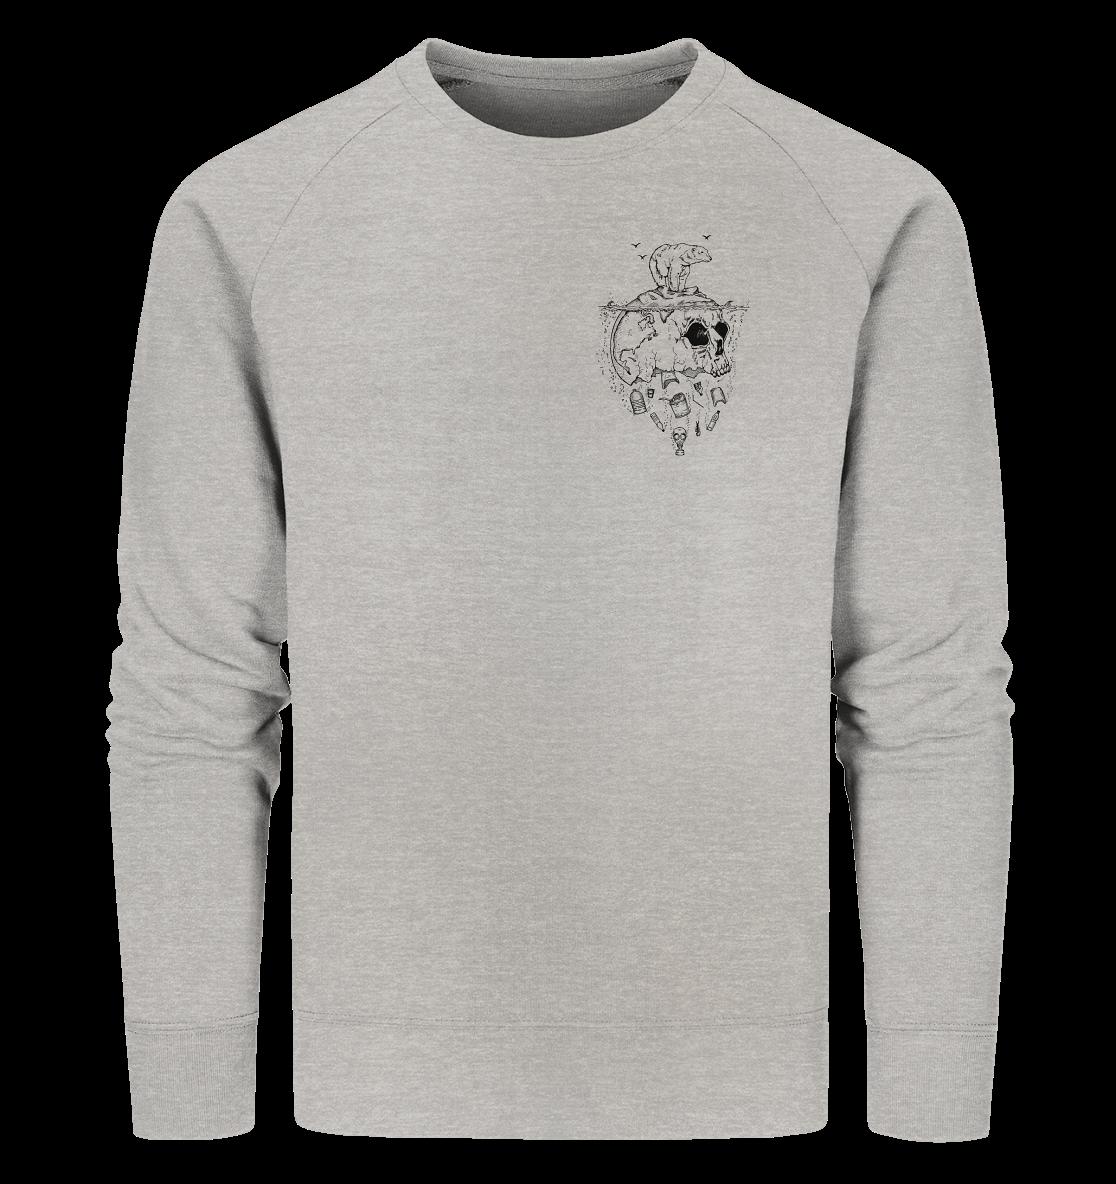 front-organic-sweatshirt-c2c1c0-1116x-21.png